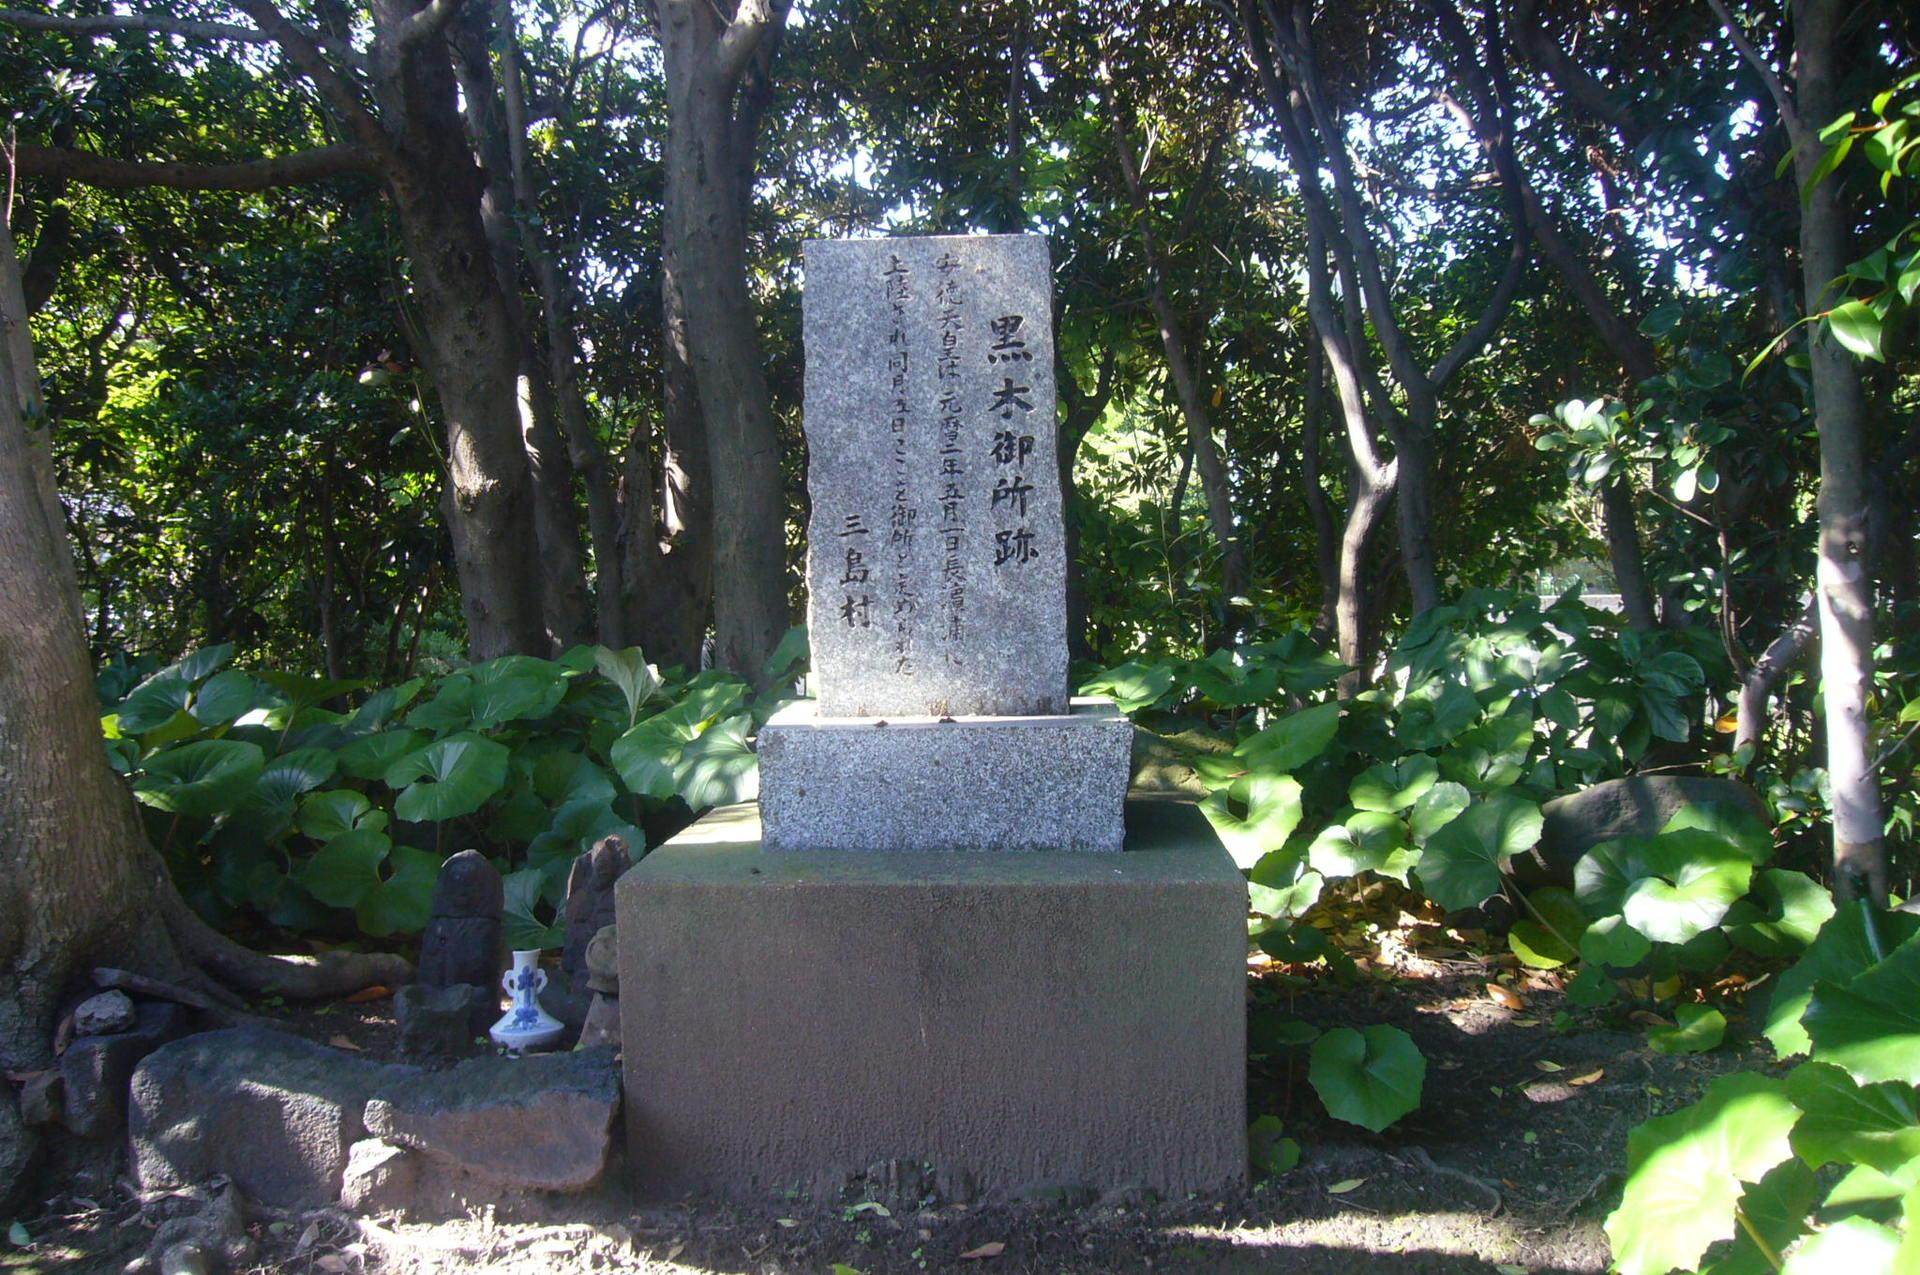 「三島村」編 硫黄島37 安徳天皇伝説4 黒木御所1 - 100倍楽しむ ...